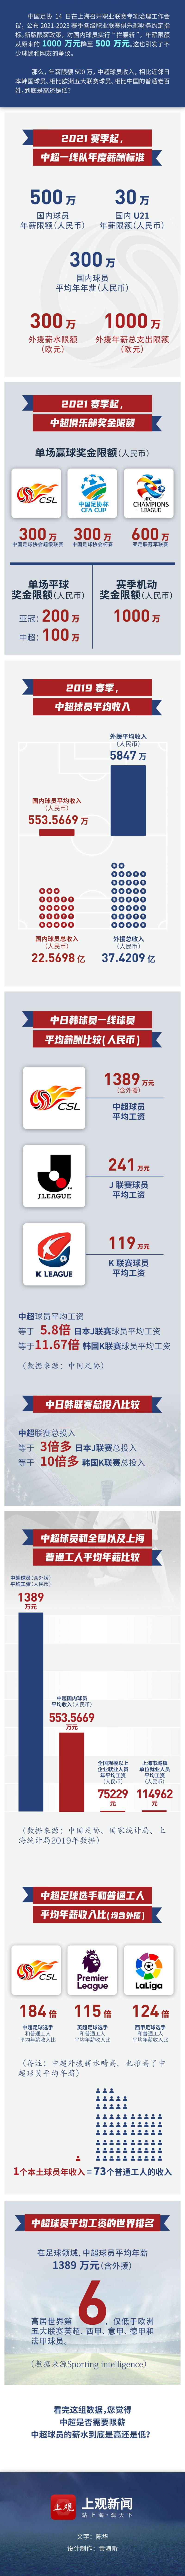 中超球员收入世界第6紧追五大 1年赚钱=73个打工人